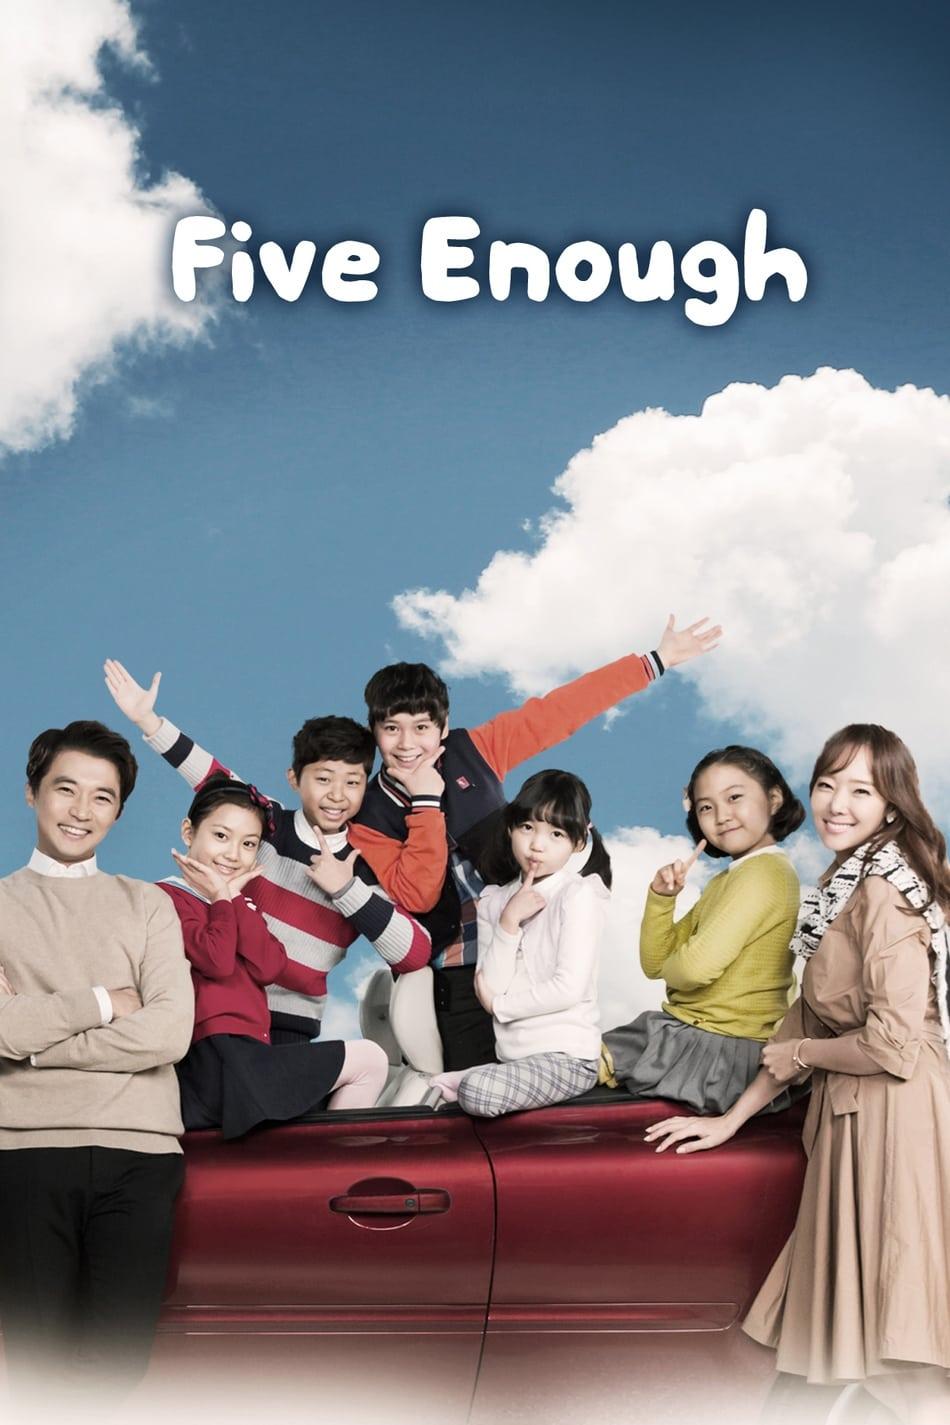 Five Enough